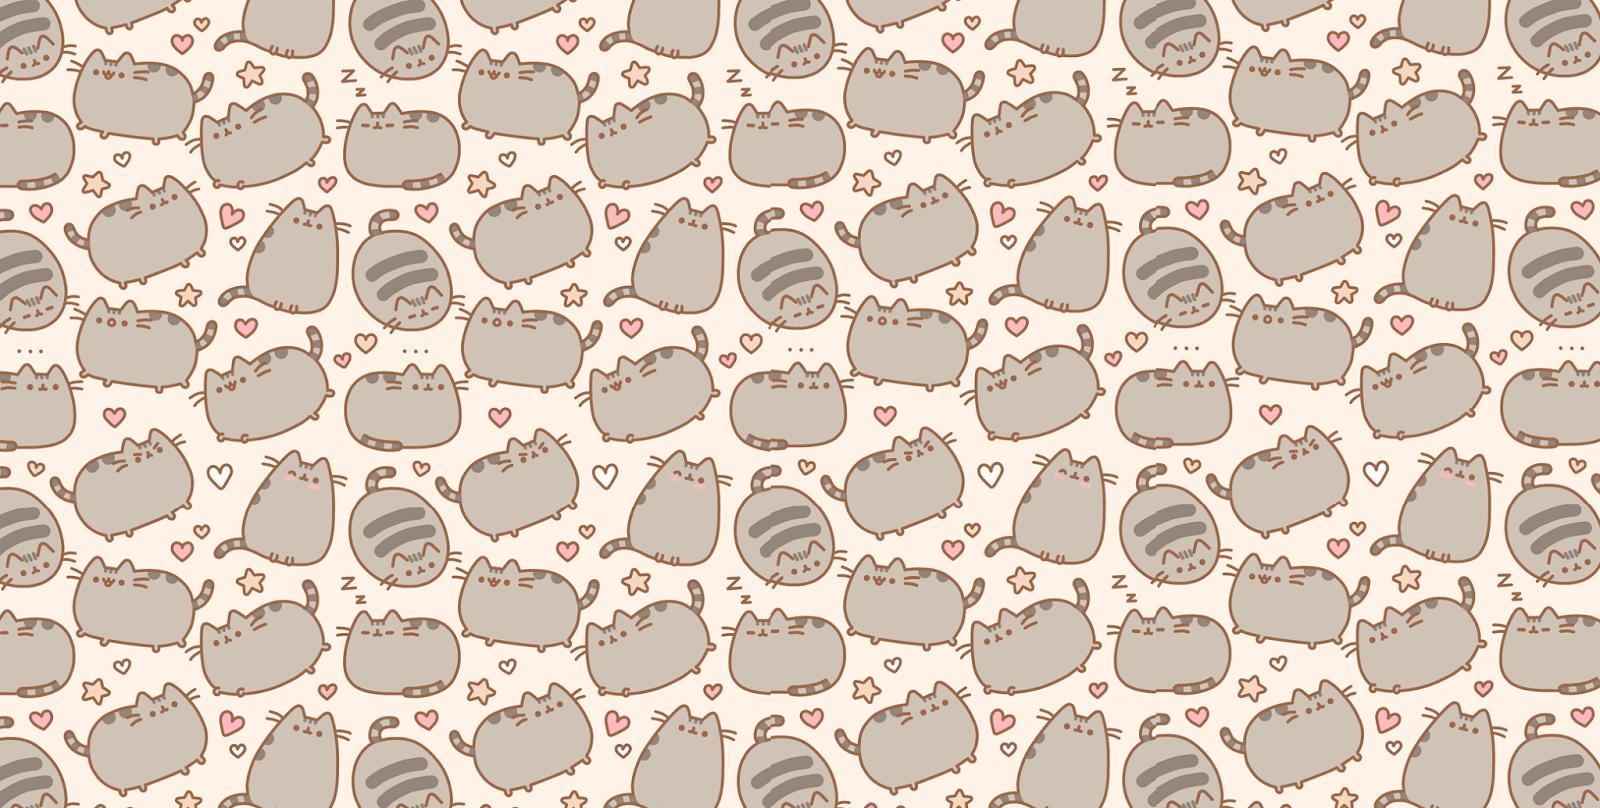 49 Pusheen Cat Desktop Wallpaper on WallpaperSafari